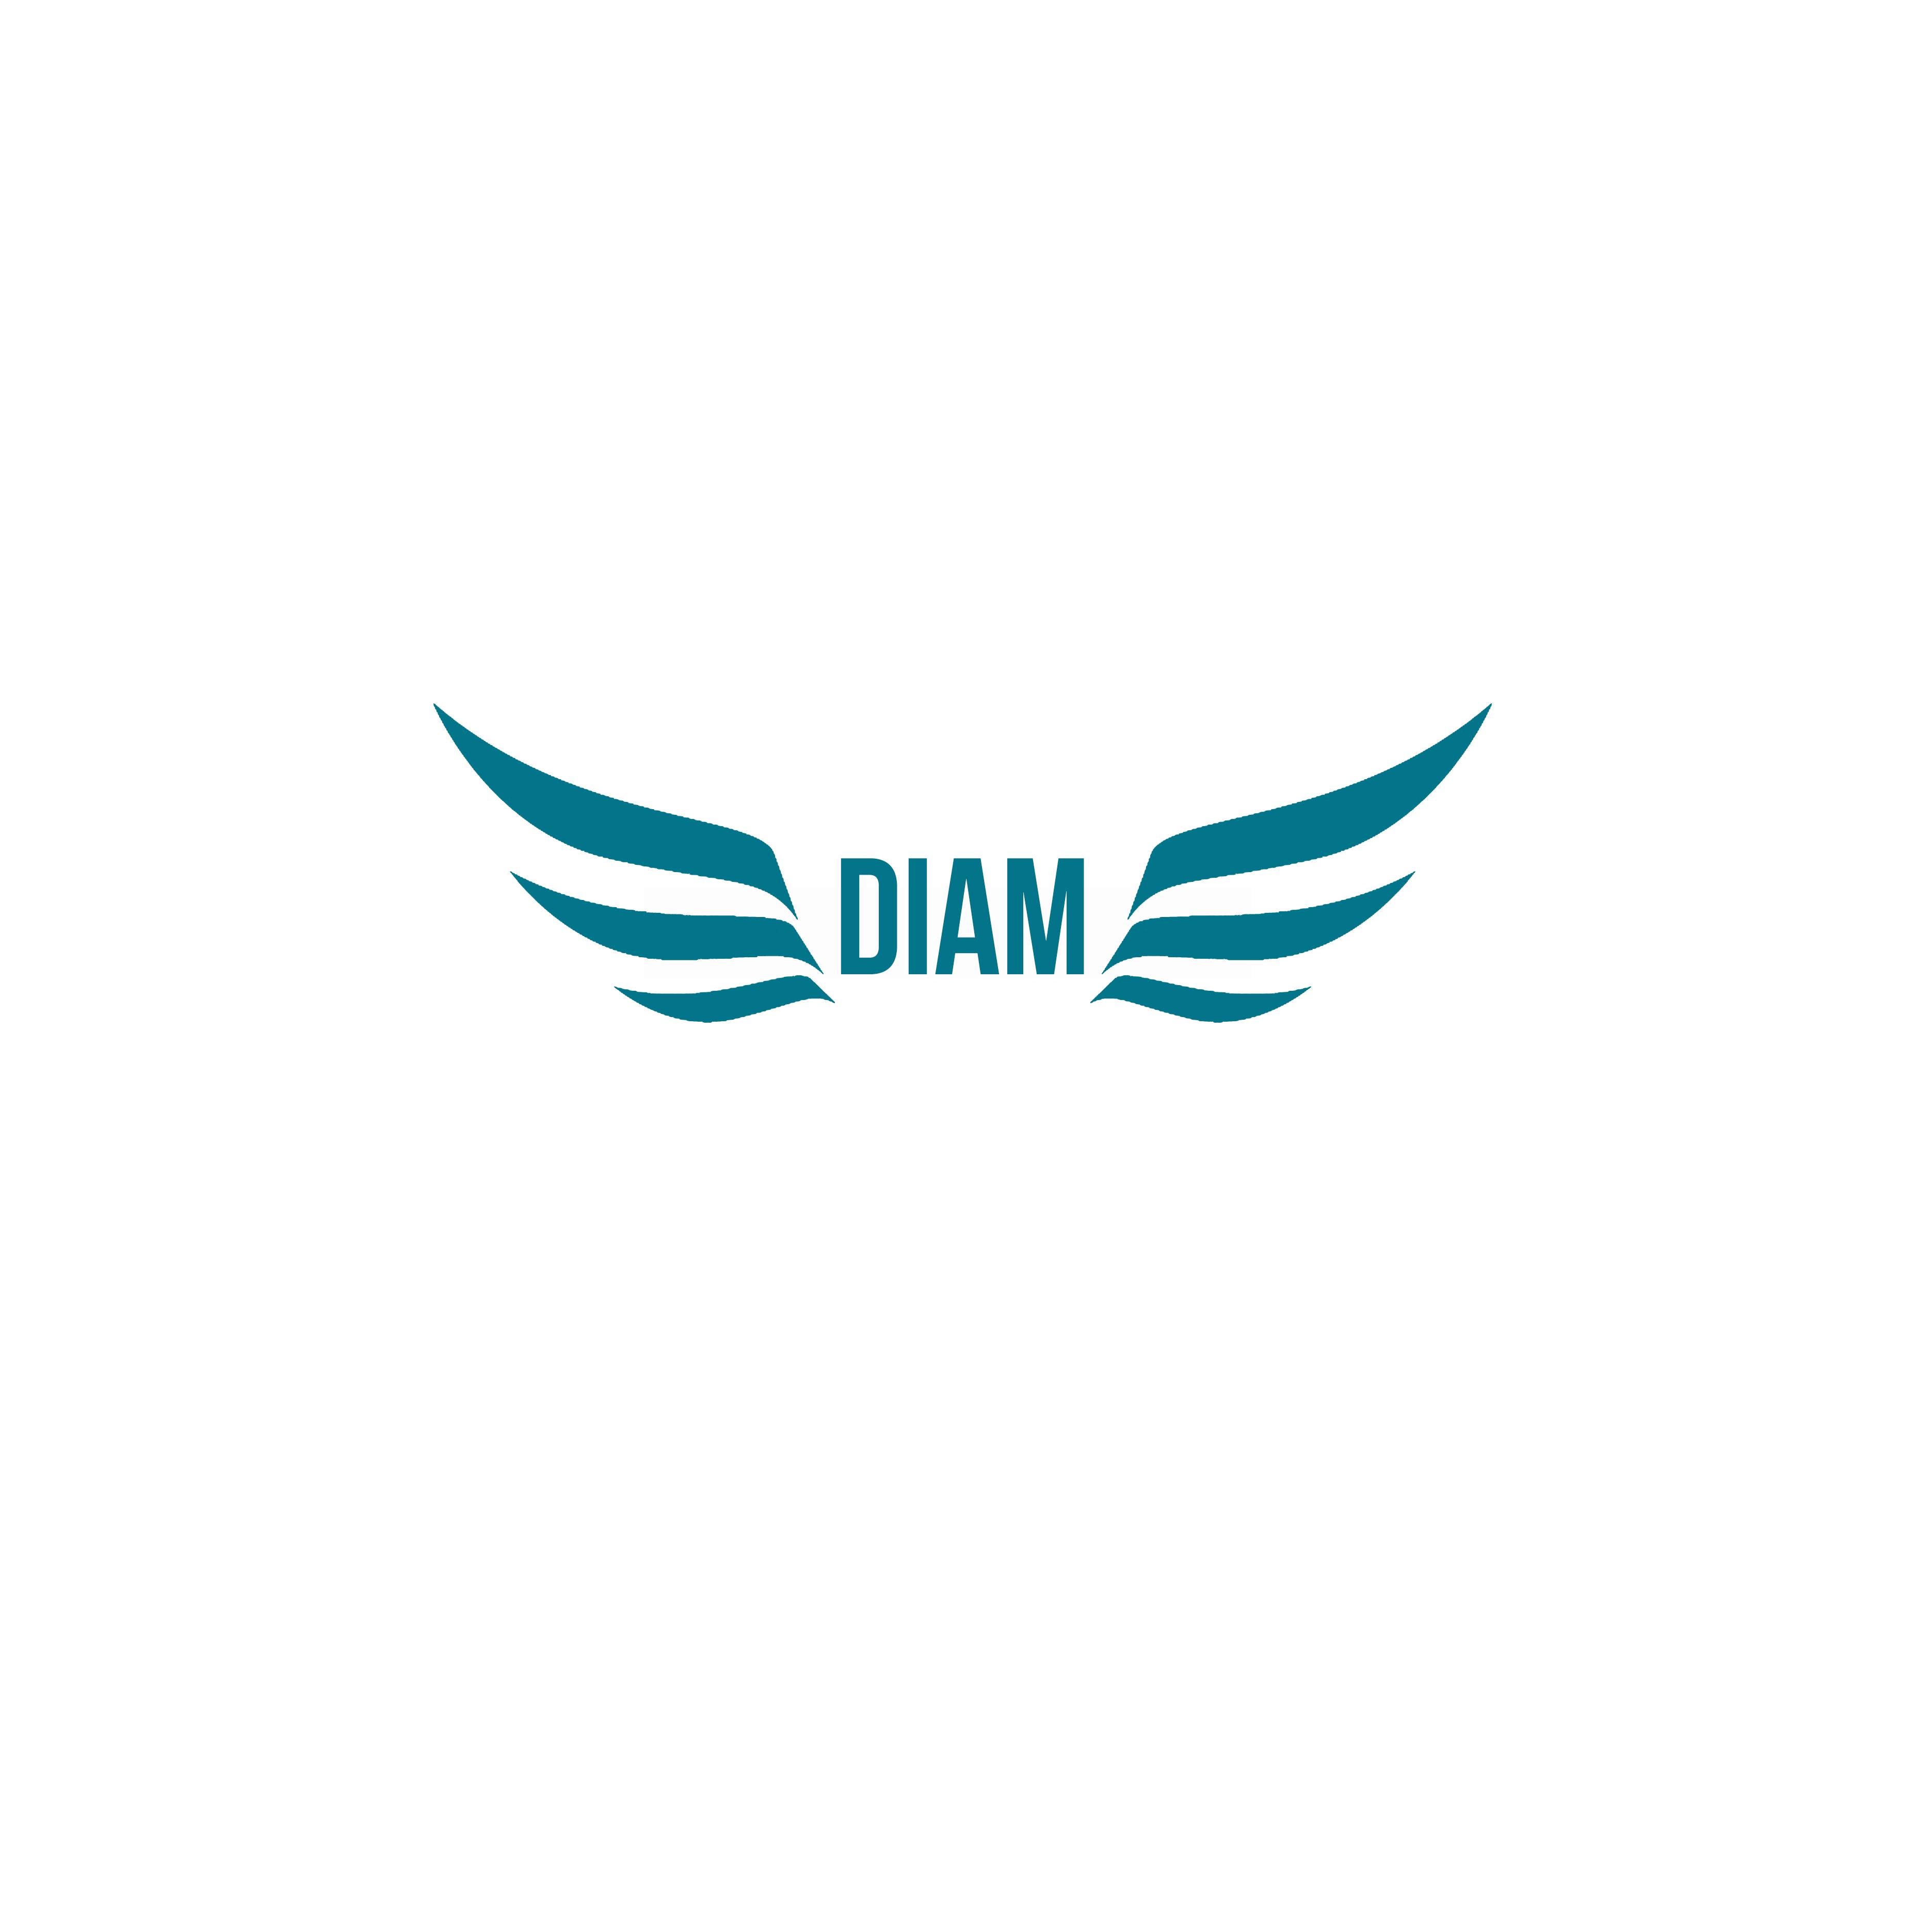 D.I.A.M